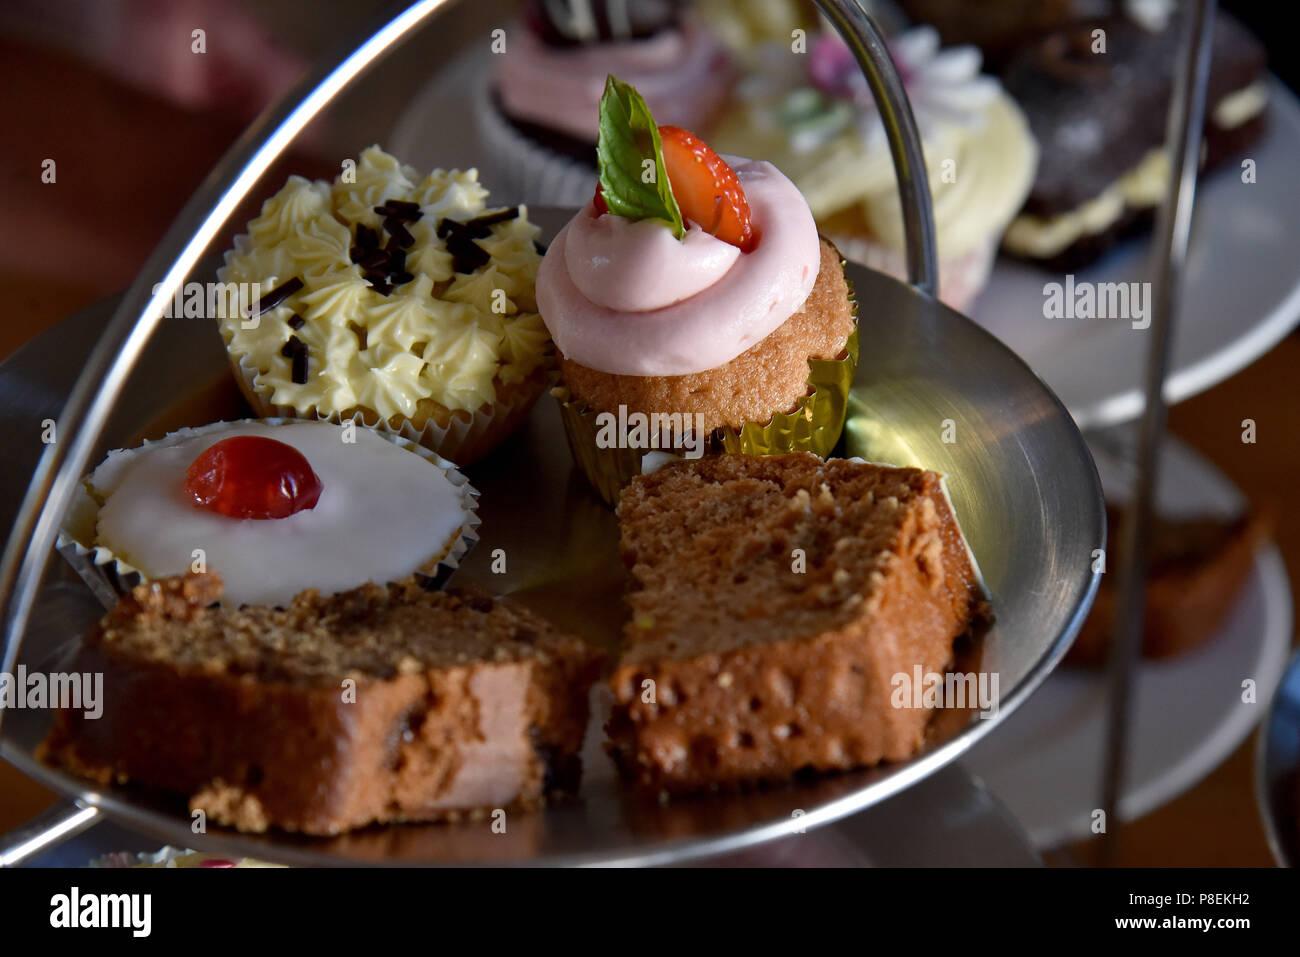 Bild zeigt einen Kuchen stand mit Torten, einschließlich einer Tasse Kuchen, eine Scone, Datum und Walnuss Kaffee und einem Stück Kuchen Stockbild